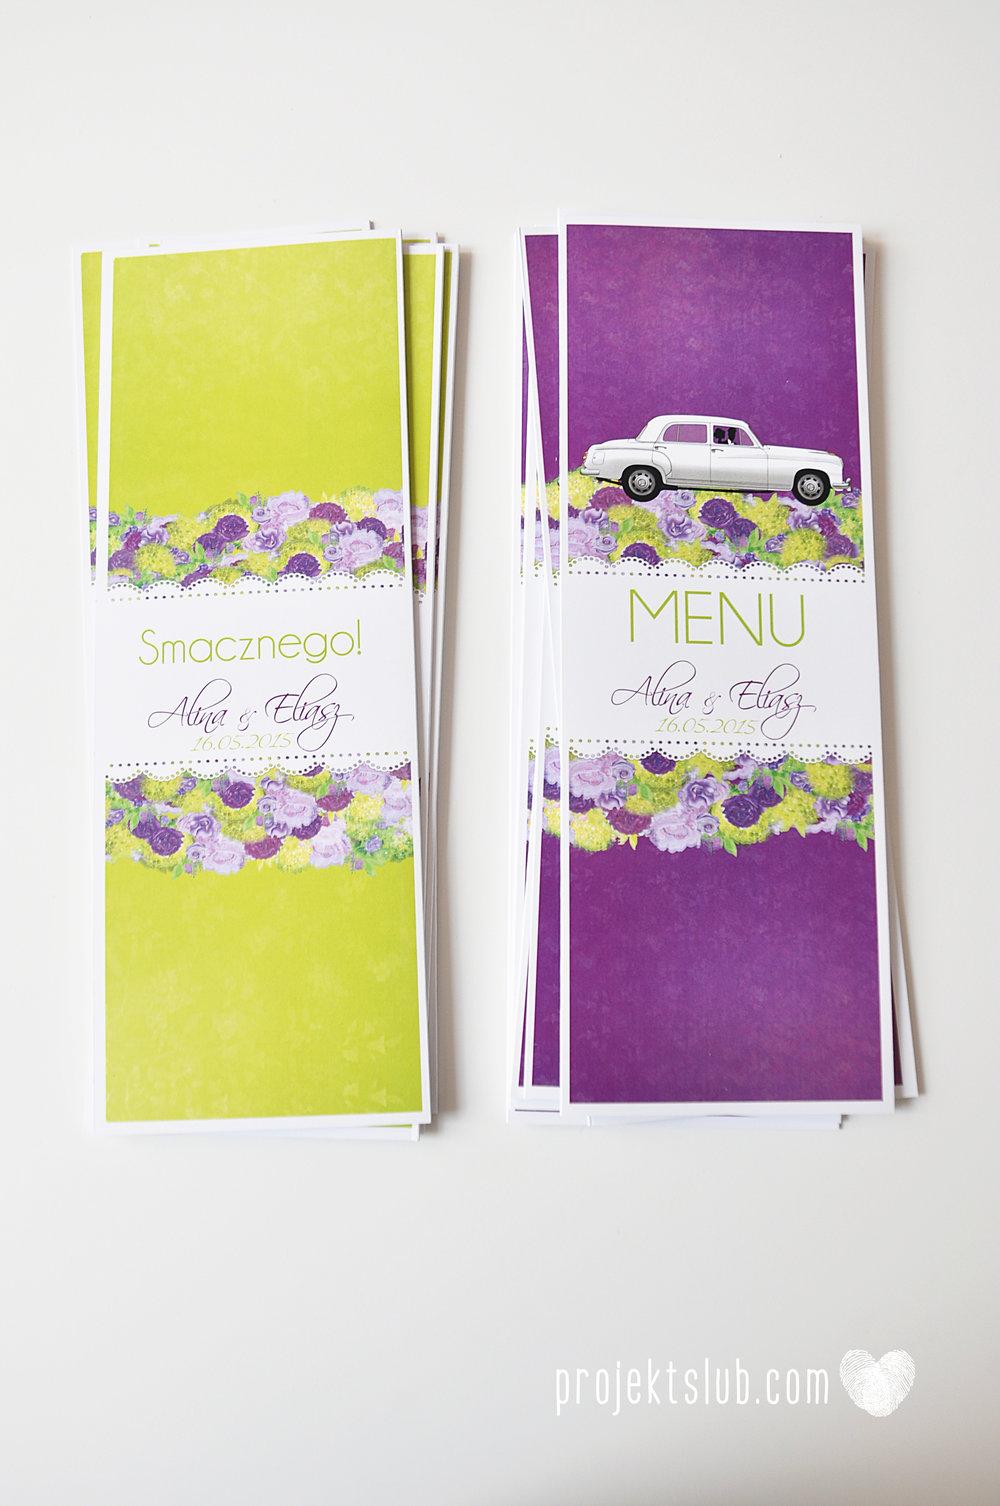 zaproszenia-ślubne-eleganckie-glamour-zaproszenia-z-motywem-auta-samochód-ślubny-mercedes-kwiaty-koronka-biel-fiolet-zieleń-projekt-ślub  (2).JPG